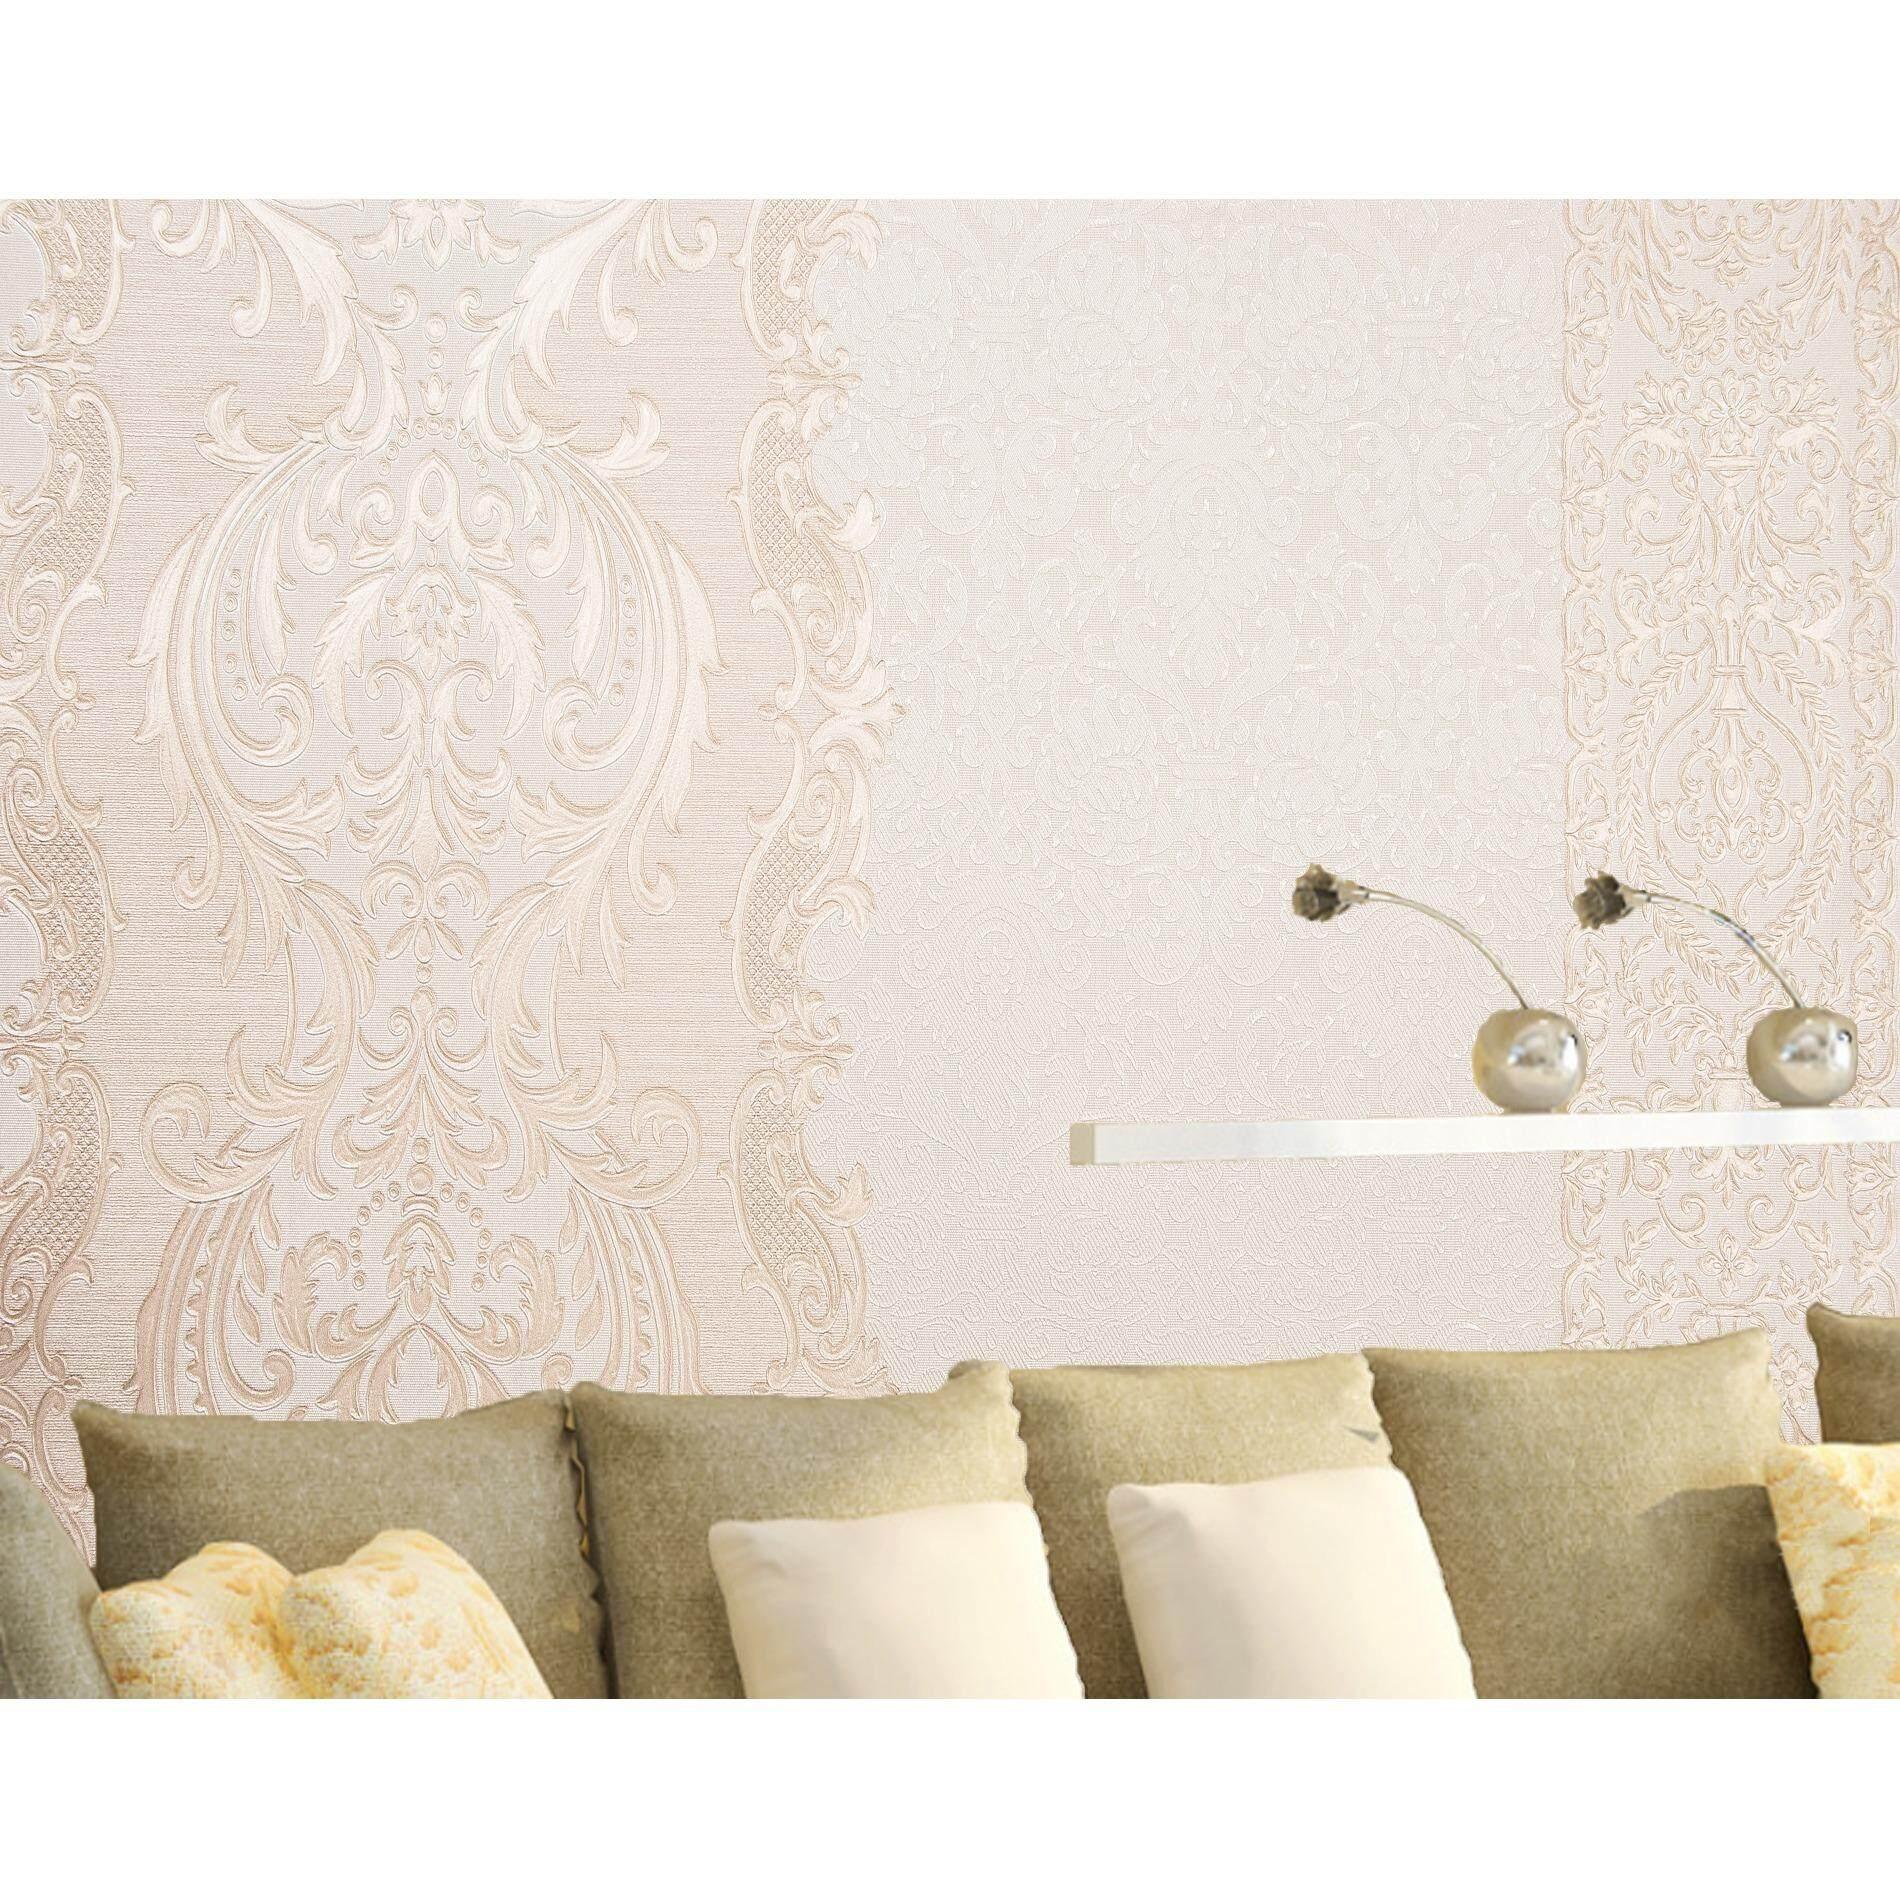 ราคา Homily Wallpaper Lxr รุ่น Pr 940103 โทนสีขาวมุก ลายดอกไม้ทองอ่อน ใหม่